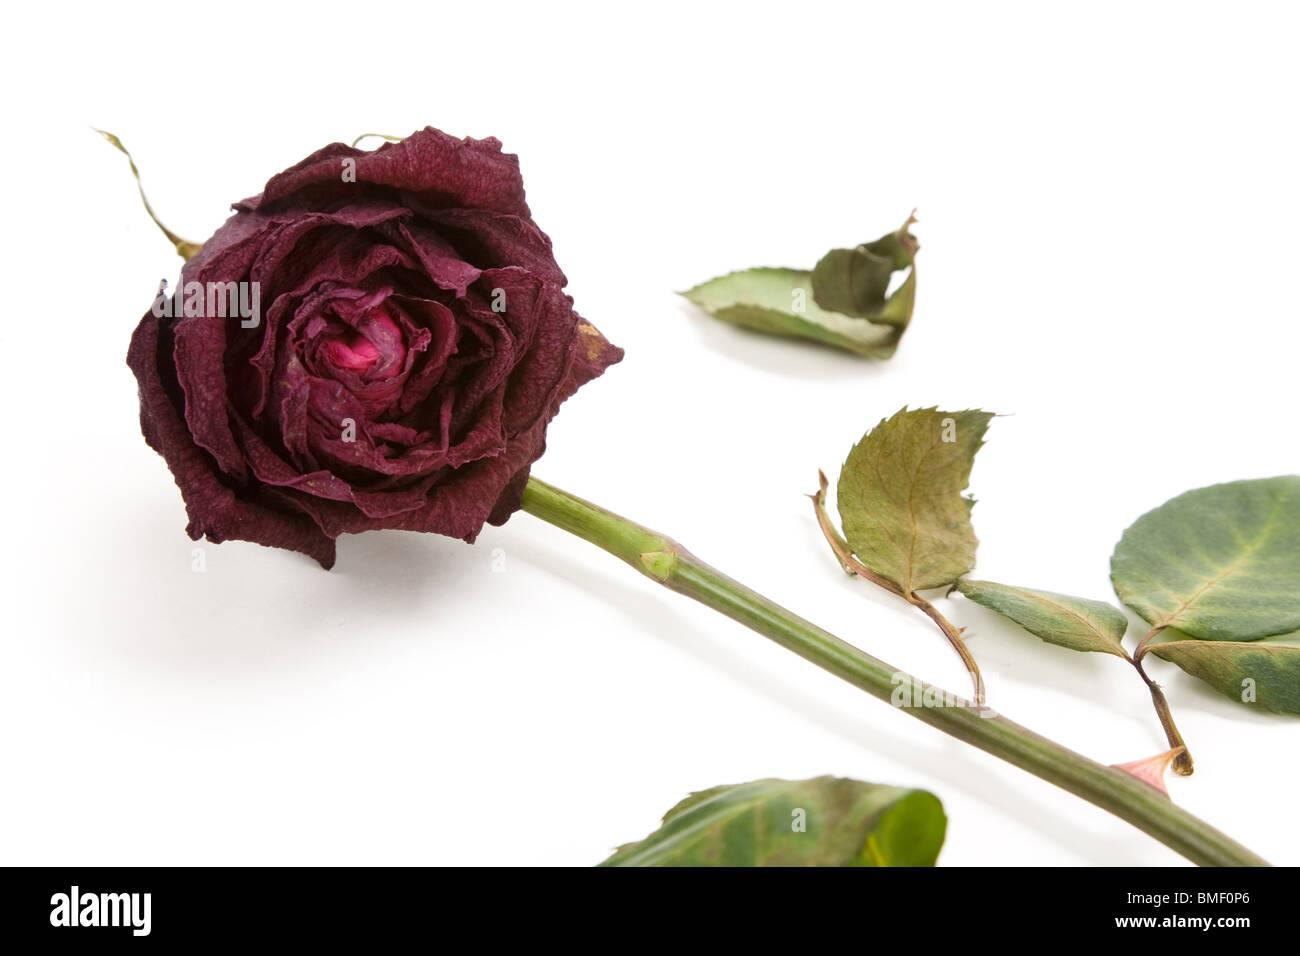 rot tot Roseé Konzept der verlorenen Liebe Stockfoto